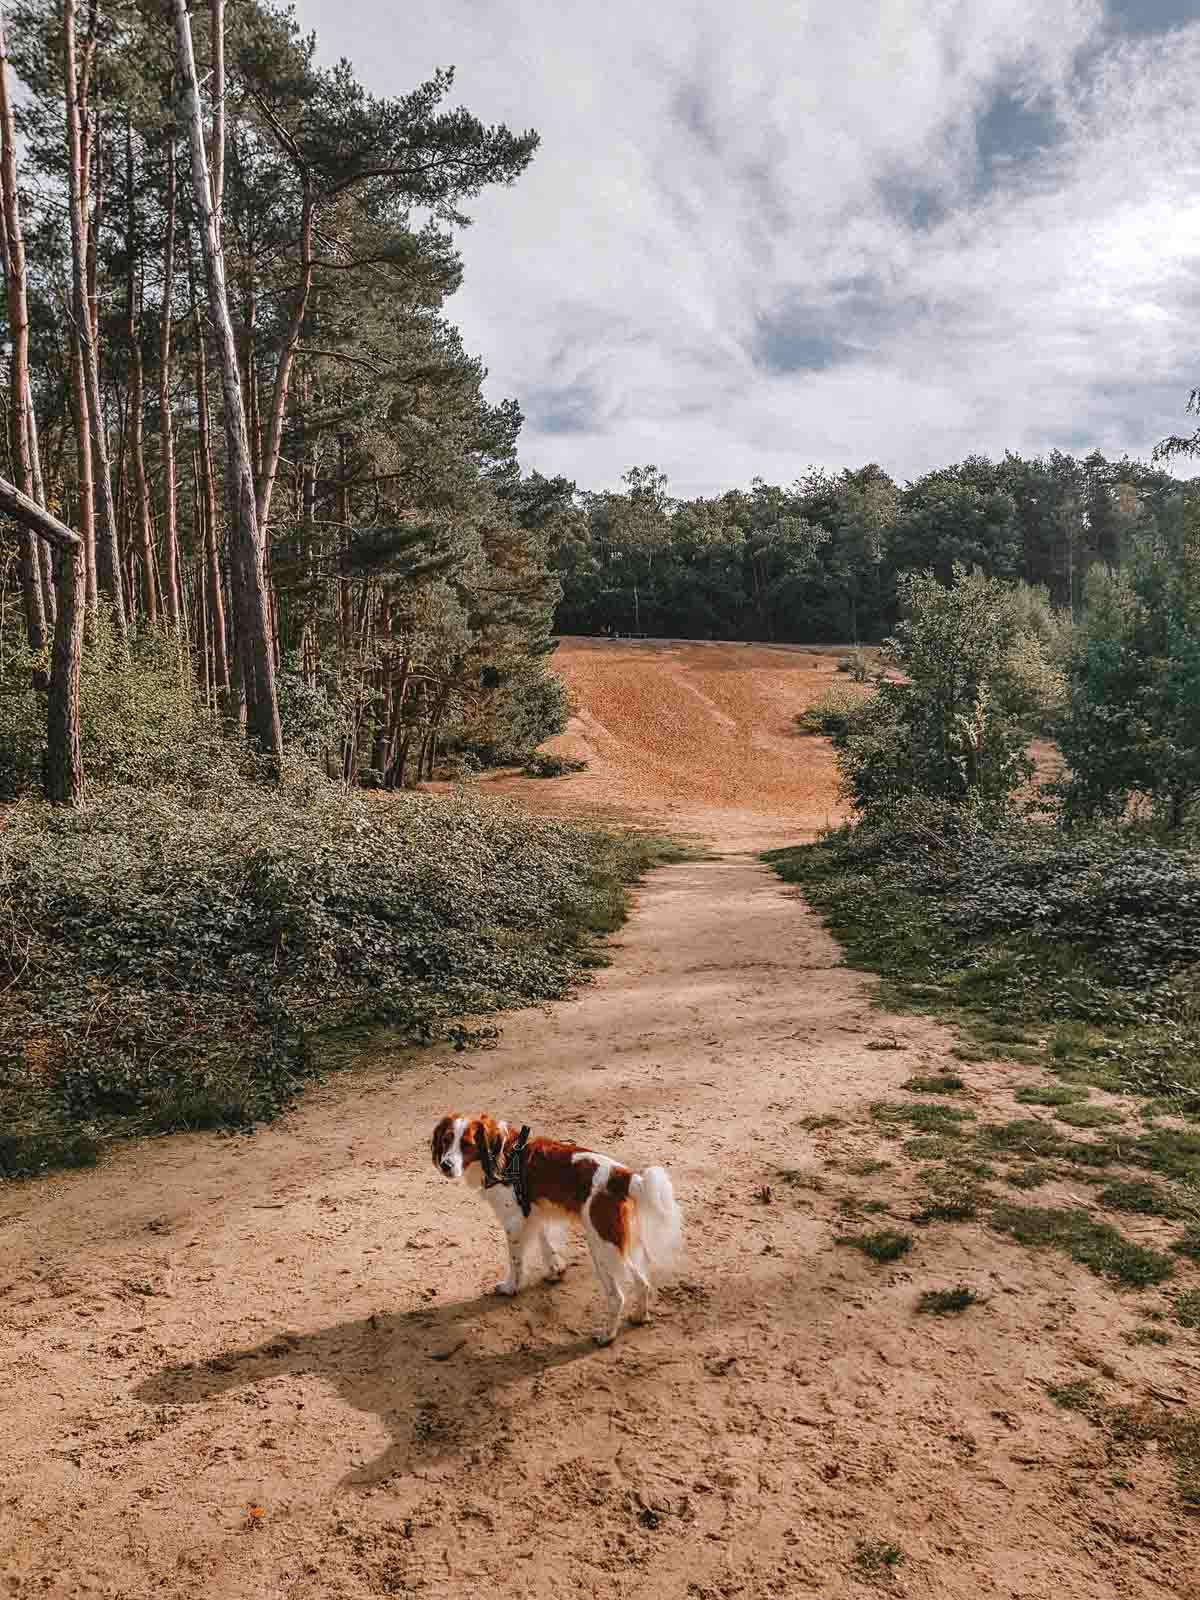 Hondenlosloopgebied het Zonderbos in het Bergherbos